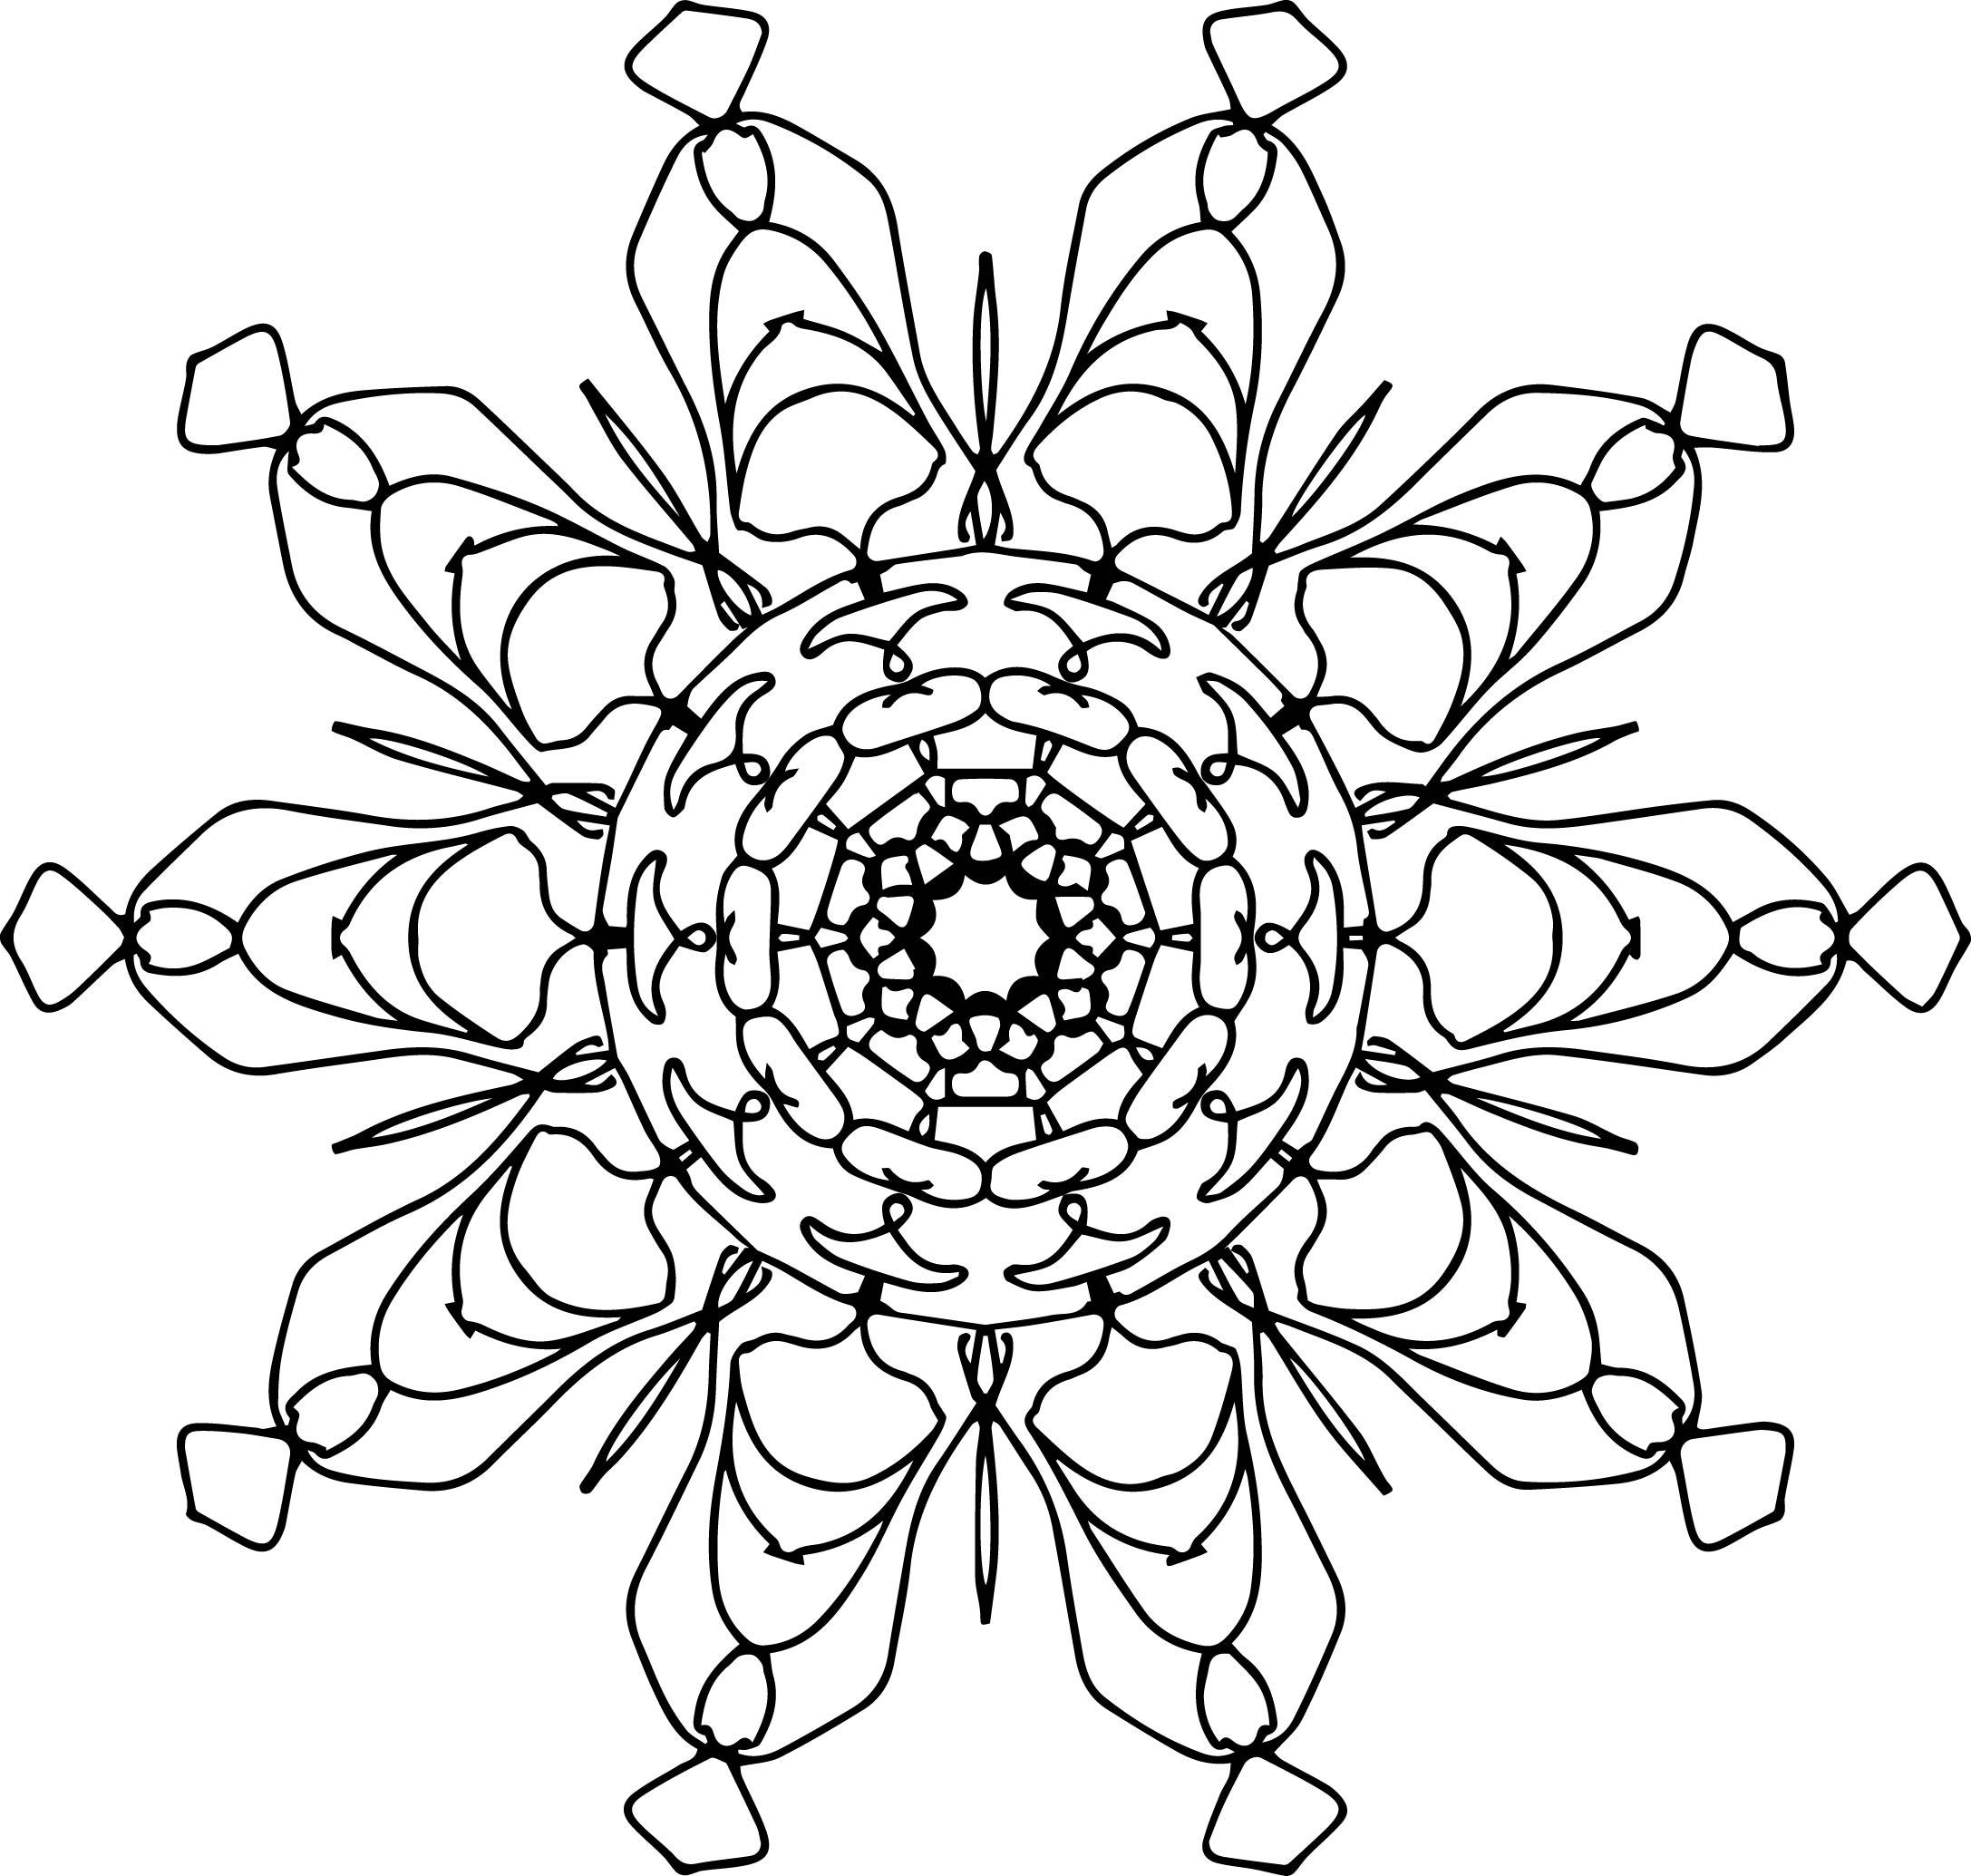 Mandala Coloring Page 30